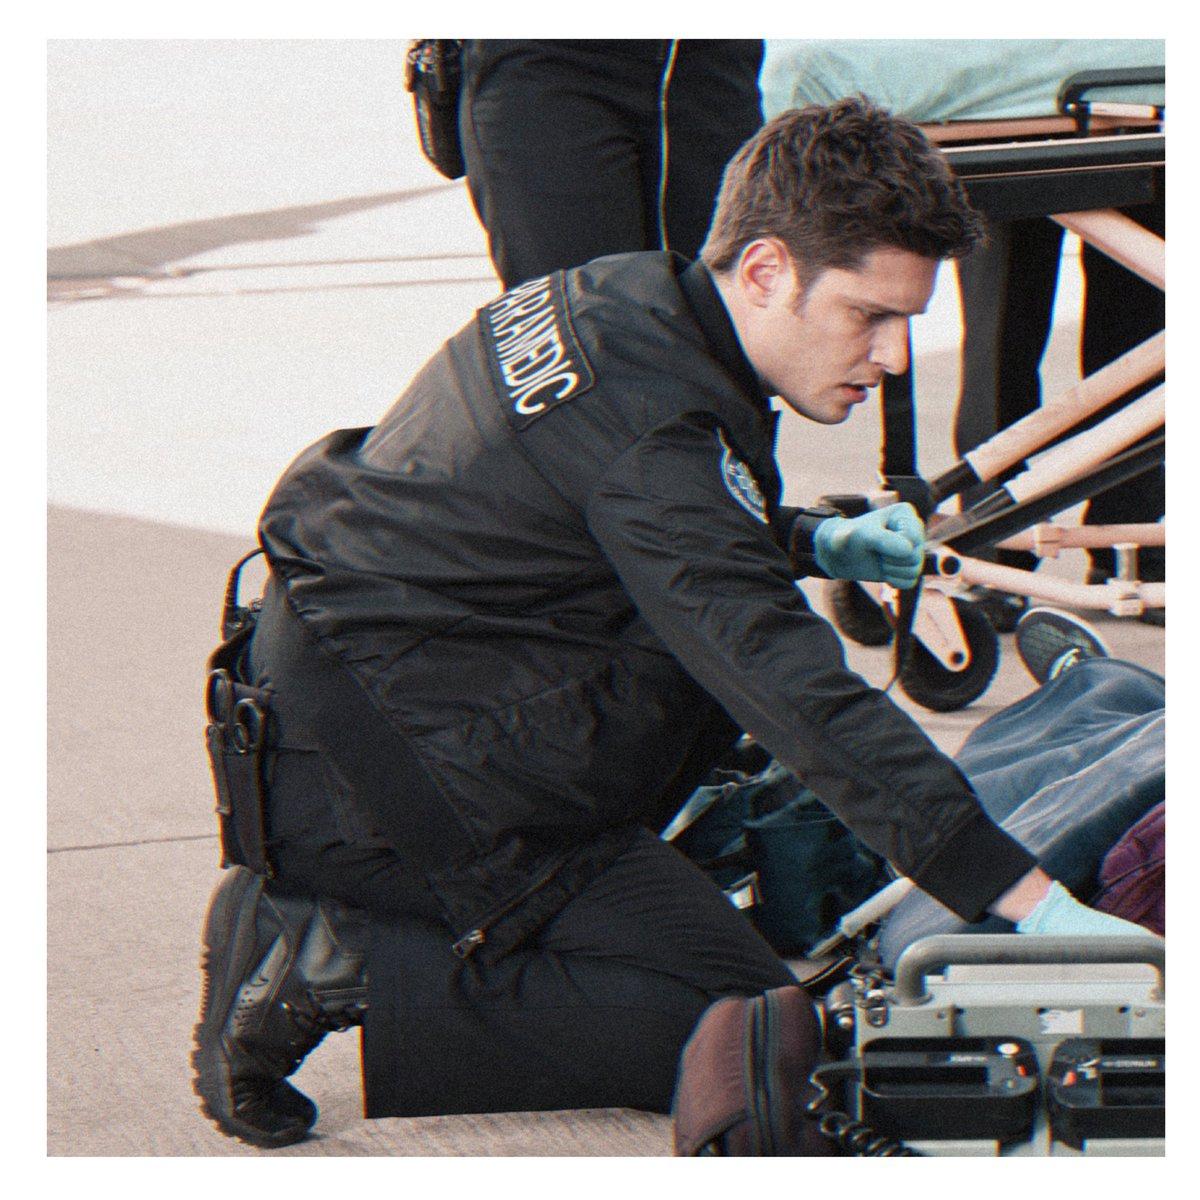 """AU: В аэропорту LA произошла авария, а в 118 прибыл новый парамедик. Вот только одно """"но"""", Эдди не знал, что Эван с ним, давно, знаком.  T.K: — Так ты тот самый Эдмундо, о котором говорит Бак?  Э: — Прости, что? Ты знаешь Эвана? T.K: — Лучше, чем ты думаешь.  #buddie #911onFOX"""